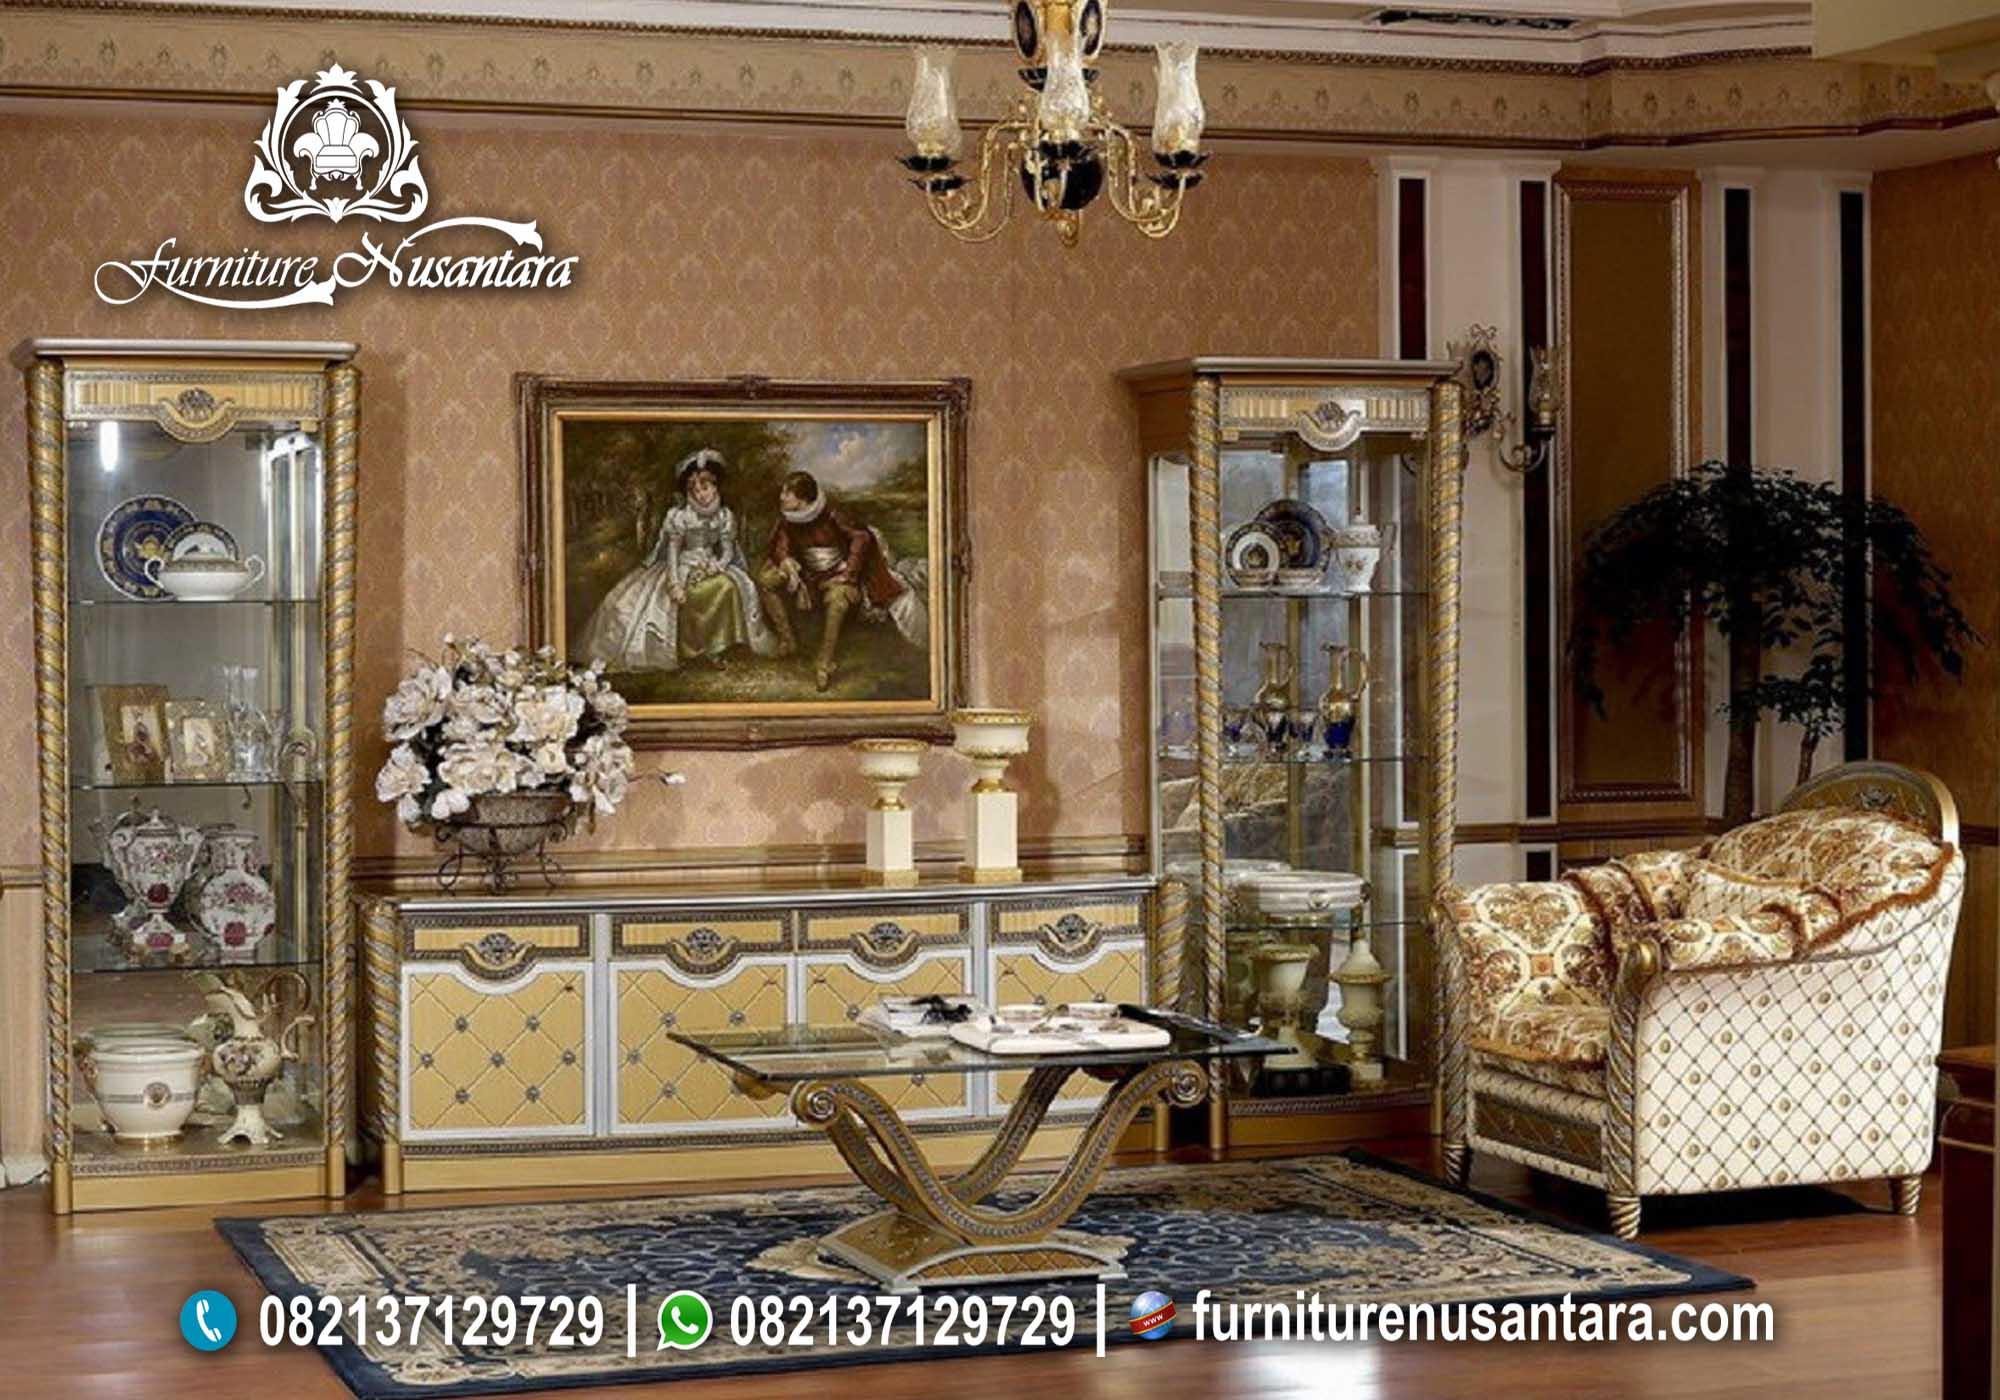 Meja TV Lemari Pajangan Cream Colour Klasik Ulir BTV-19